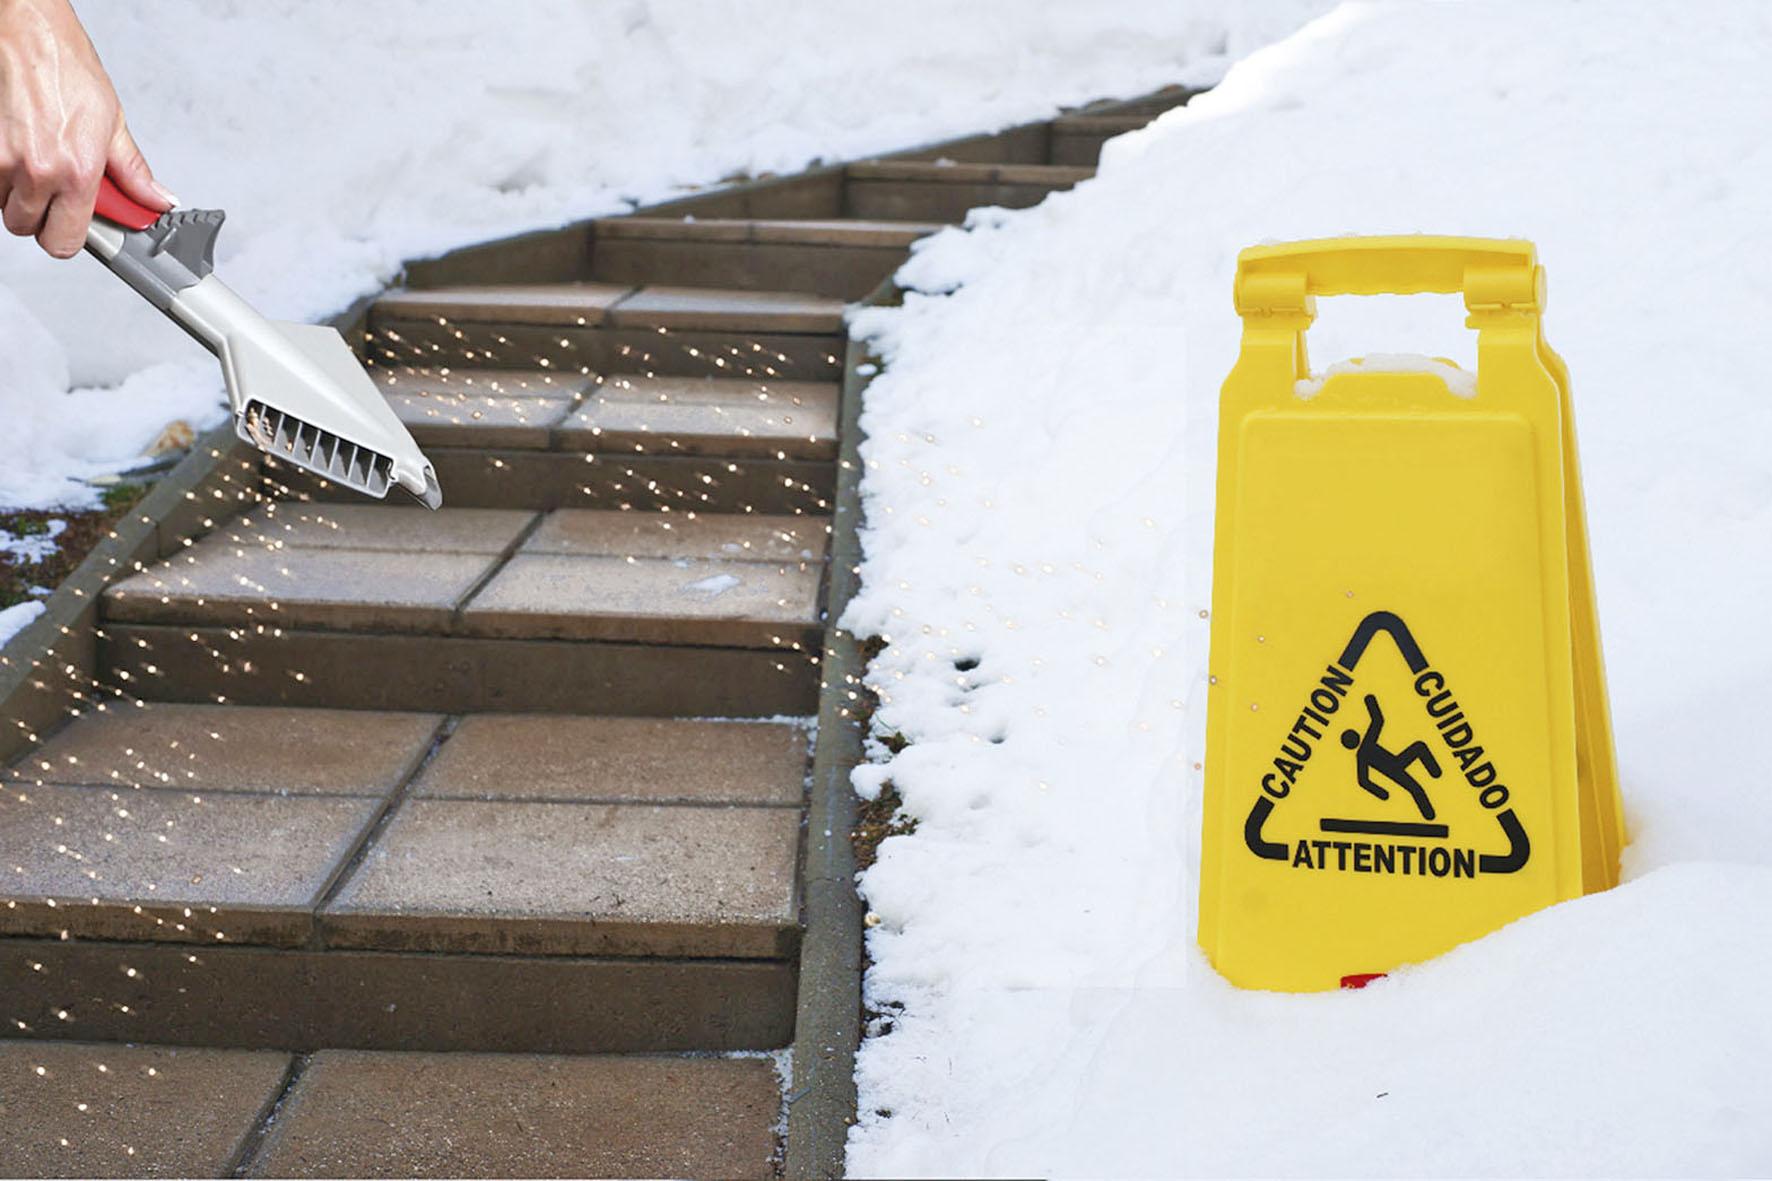 Der Granulatstreuer sorgt für Abtauen auf Treppen, Wegen und Garagenzufahrten